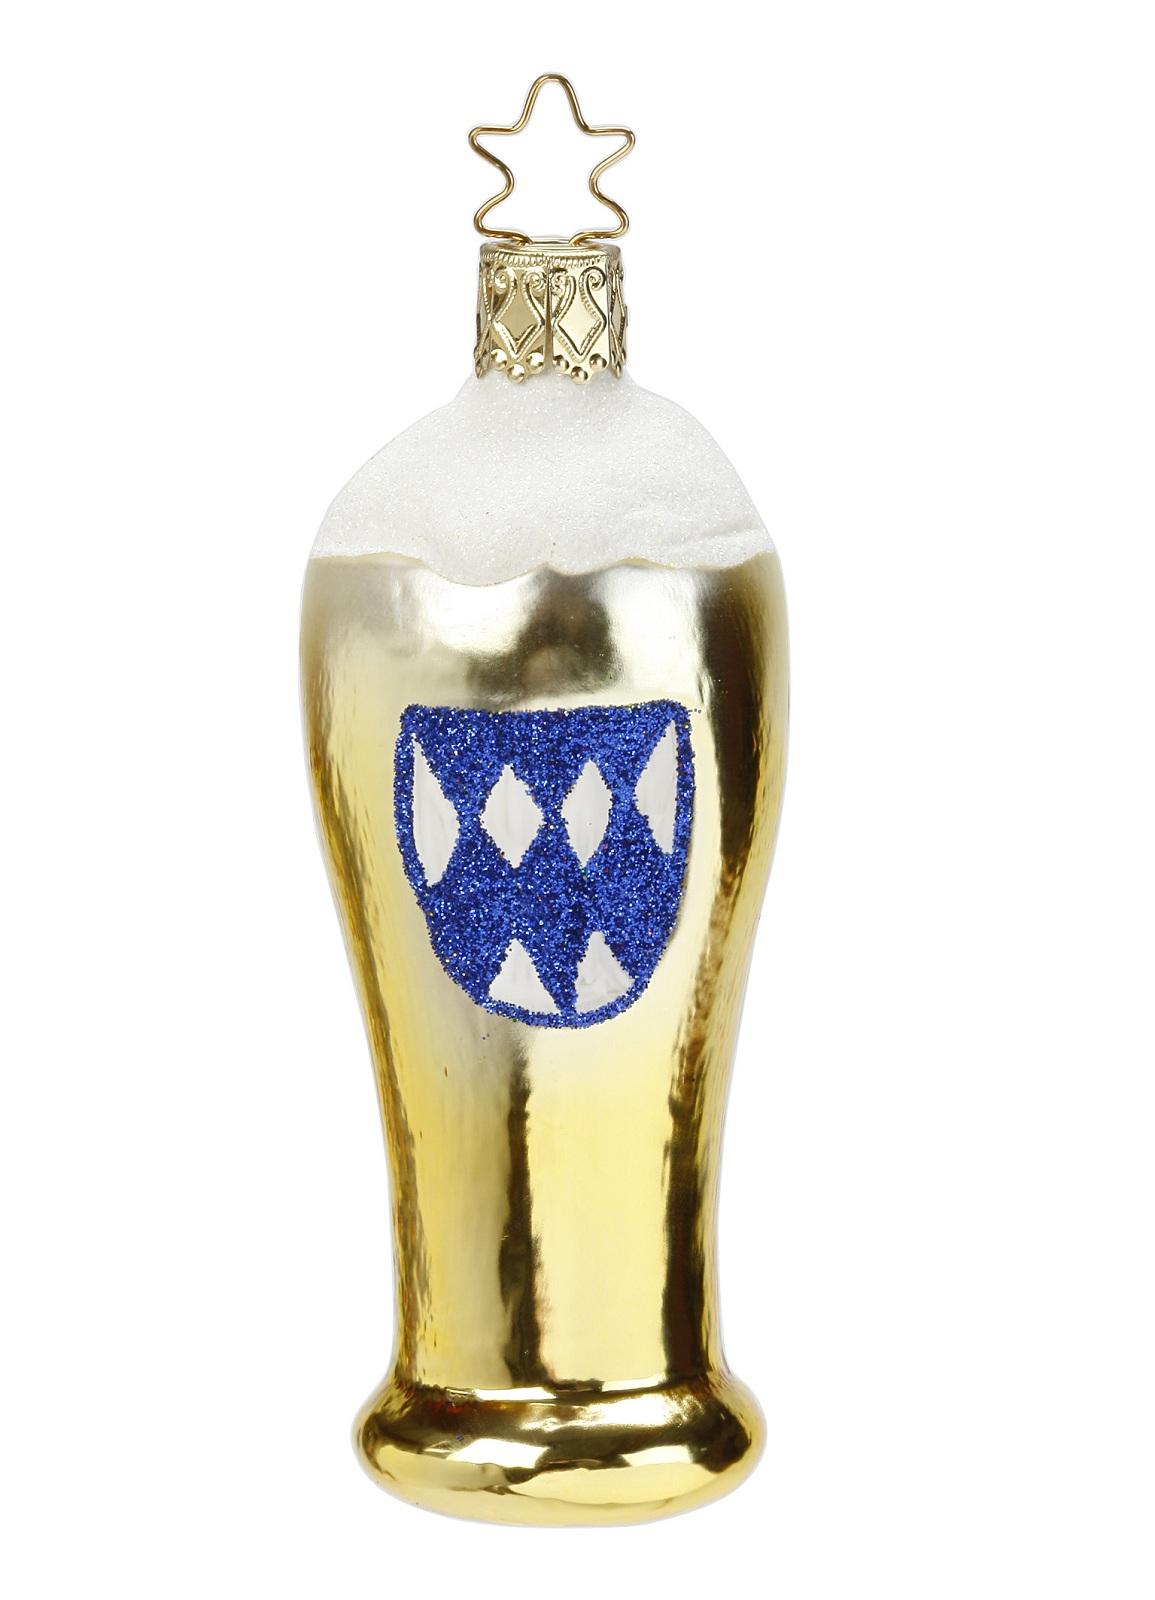 German glass ornaments - Xgu45 103113